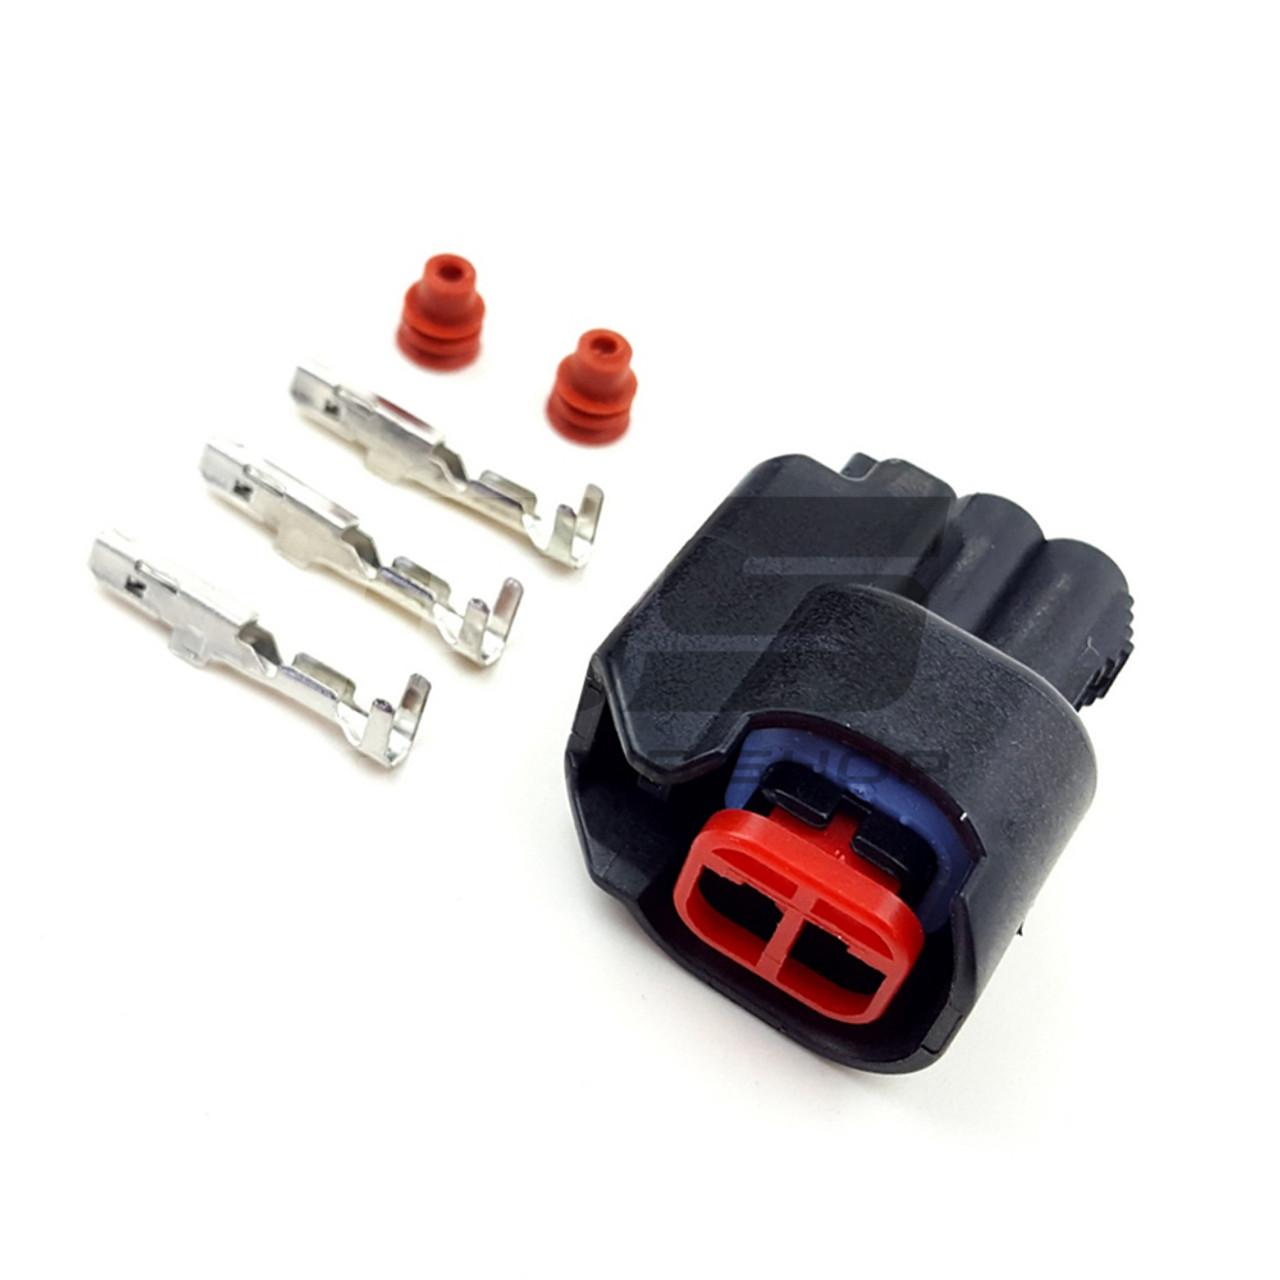 Fuel Injector Connector - EV6